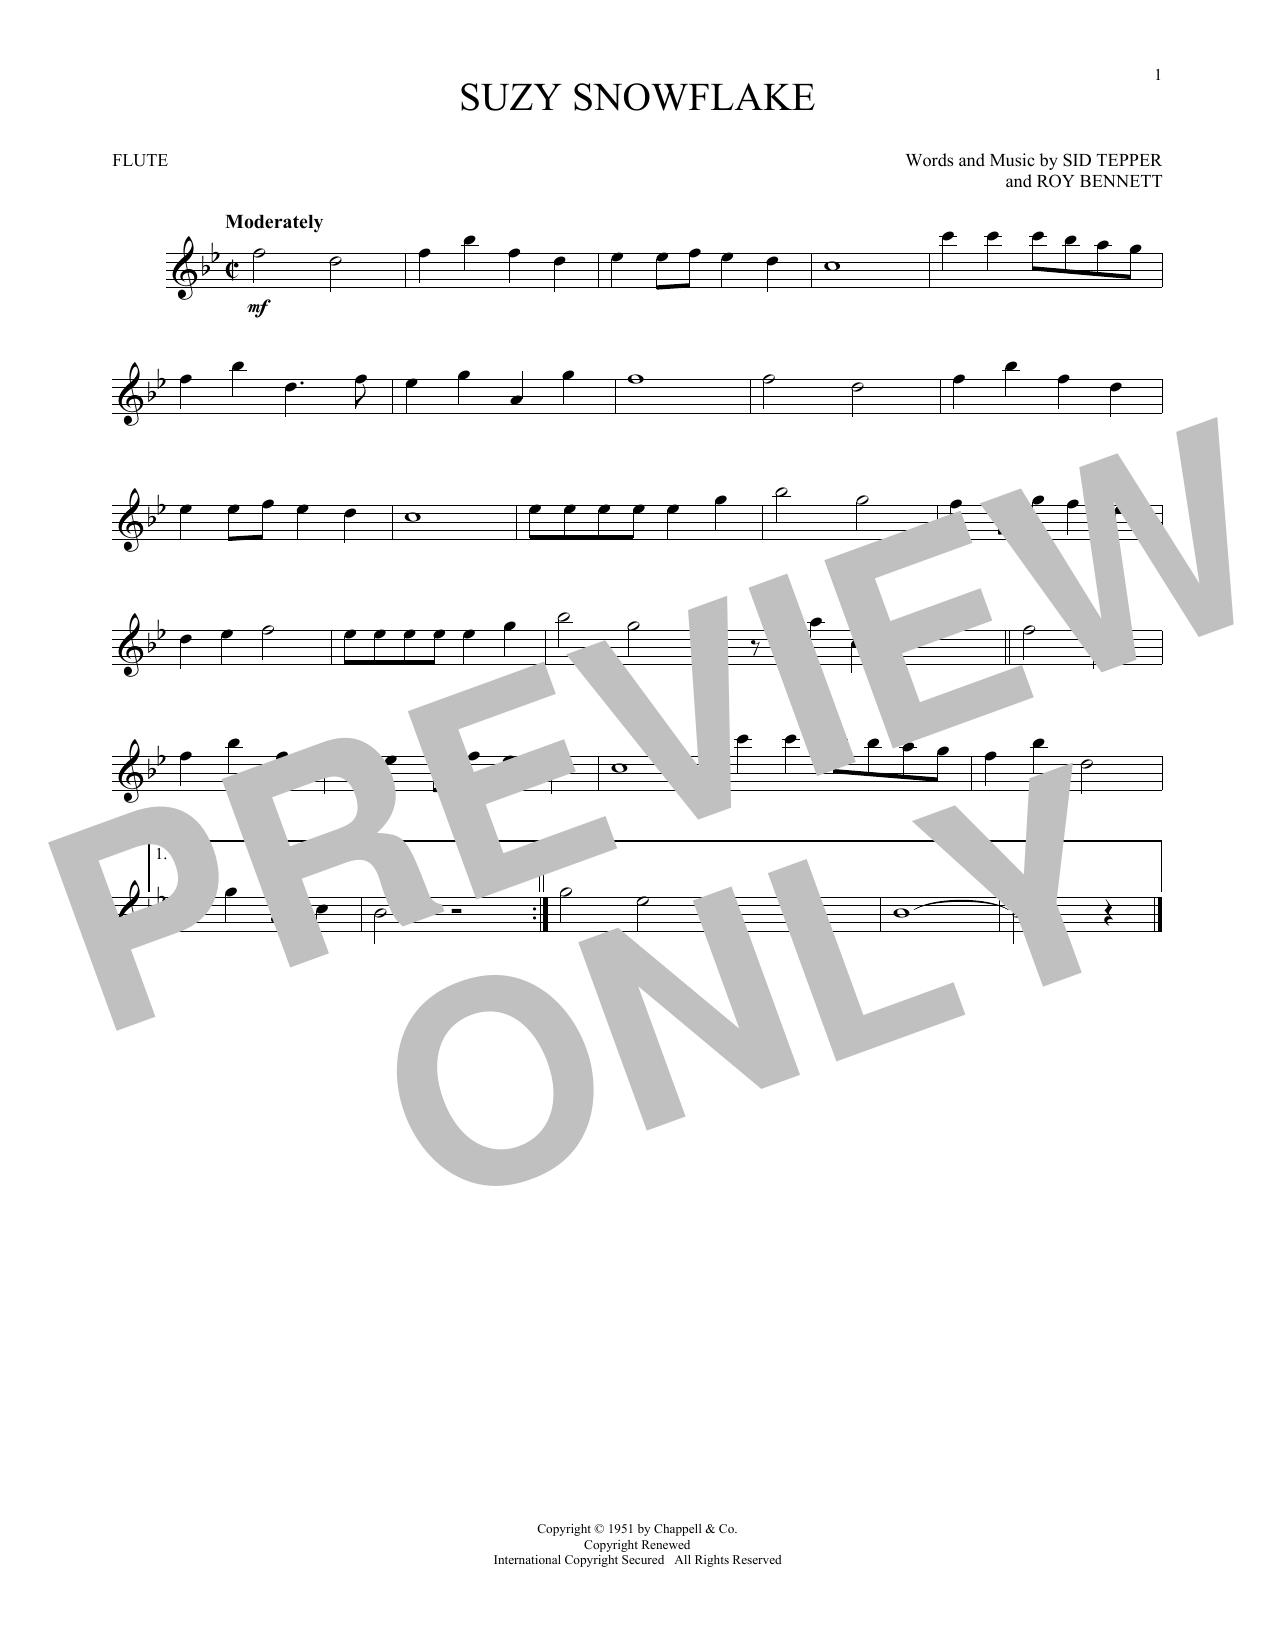 Partition flûte Suzy Snowflake de Sid Tepper and Roy Bennett - Flute traversiere